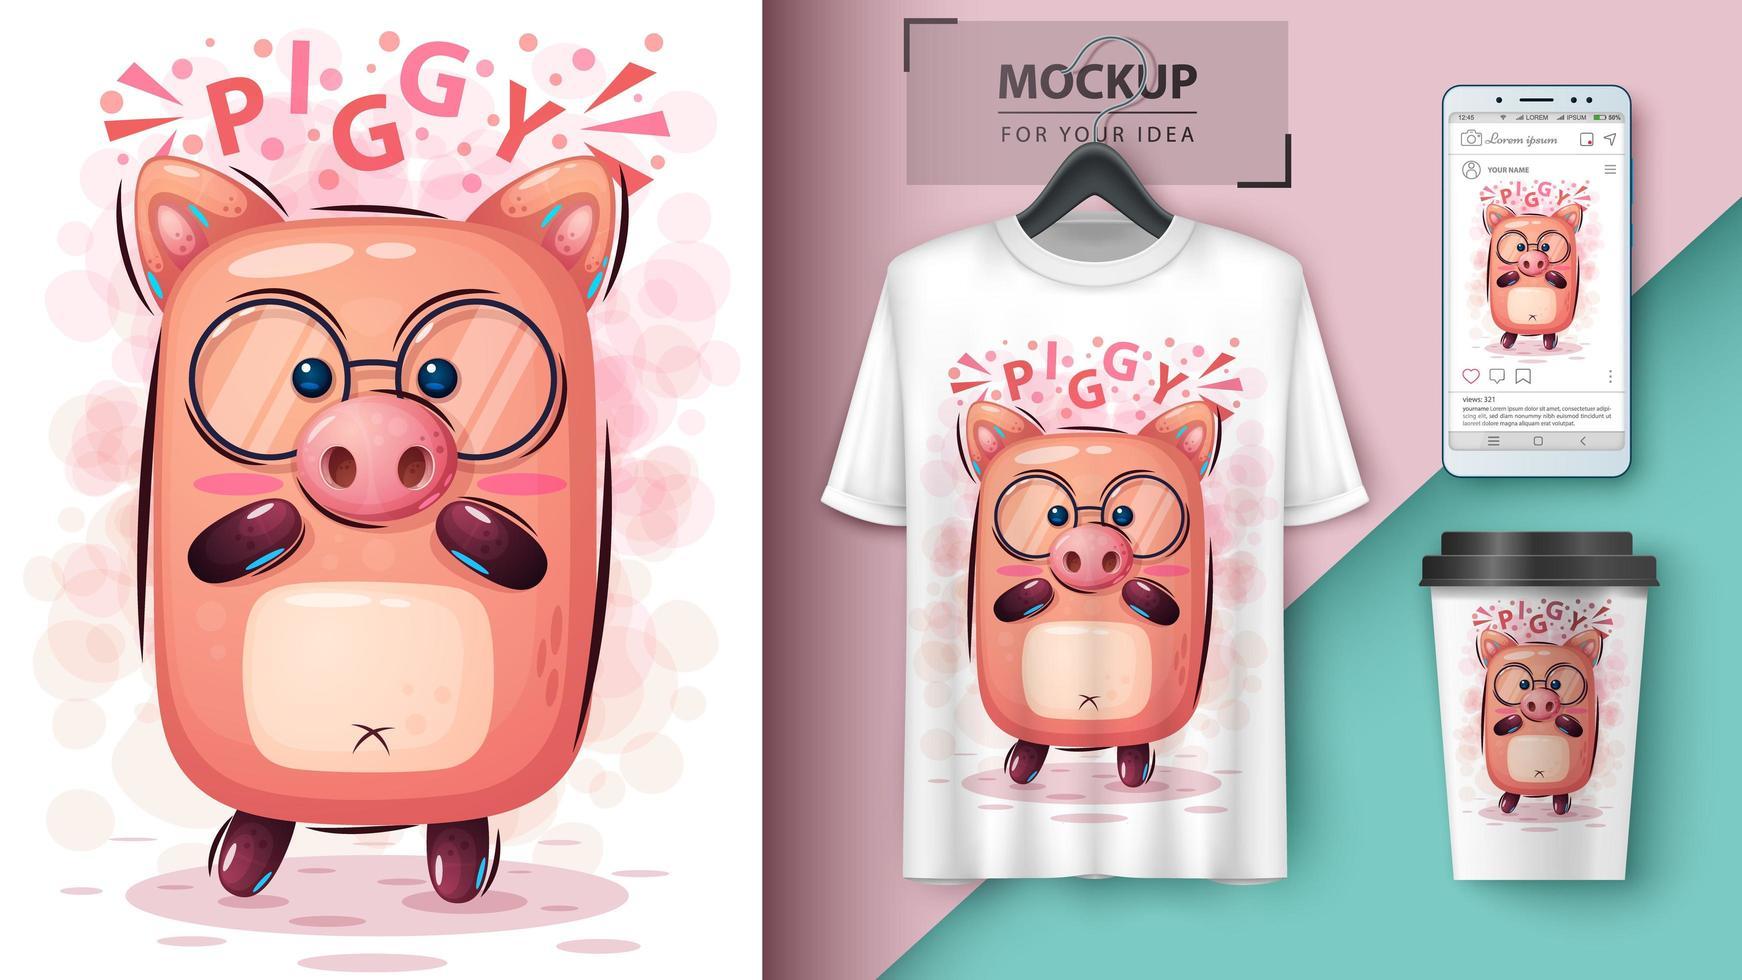 dessin animé cochon avec lunettes design vecteur